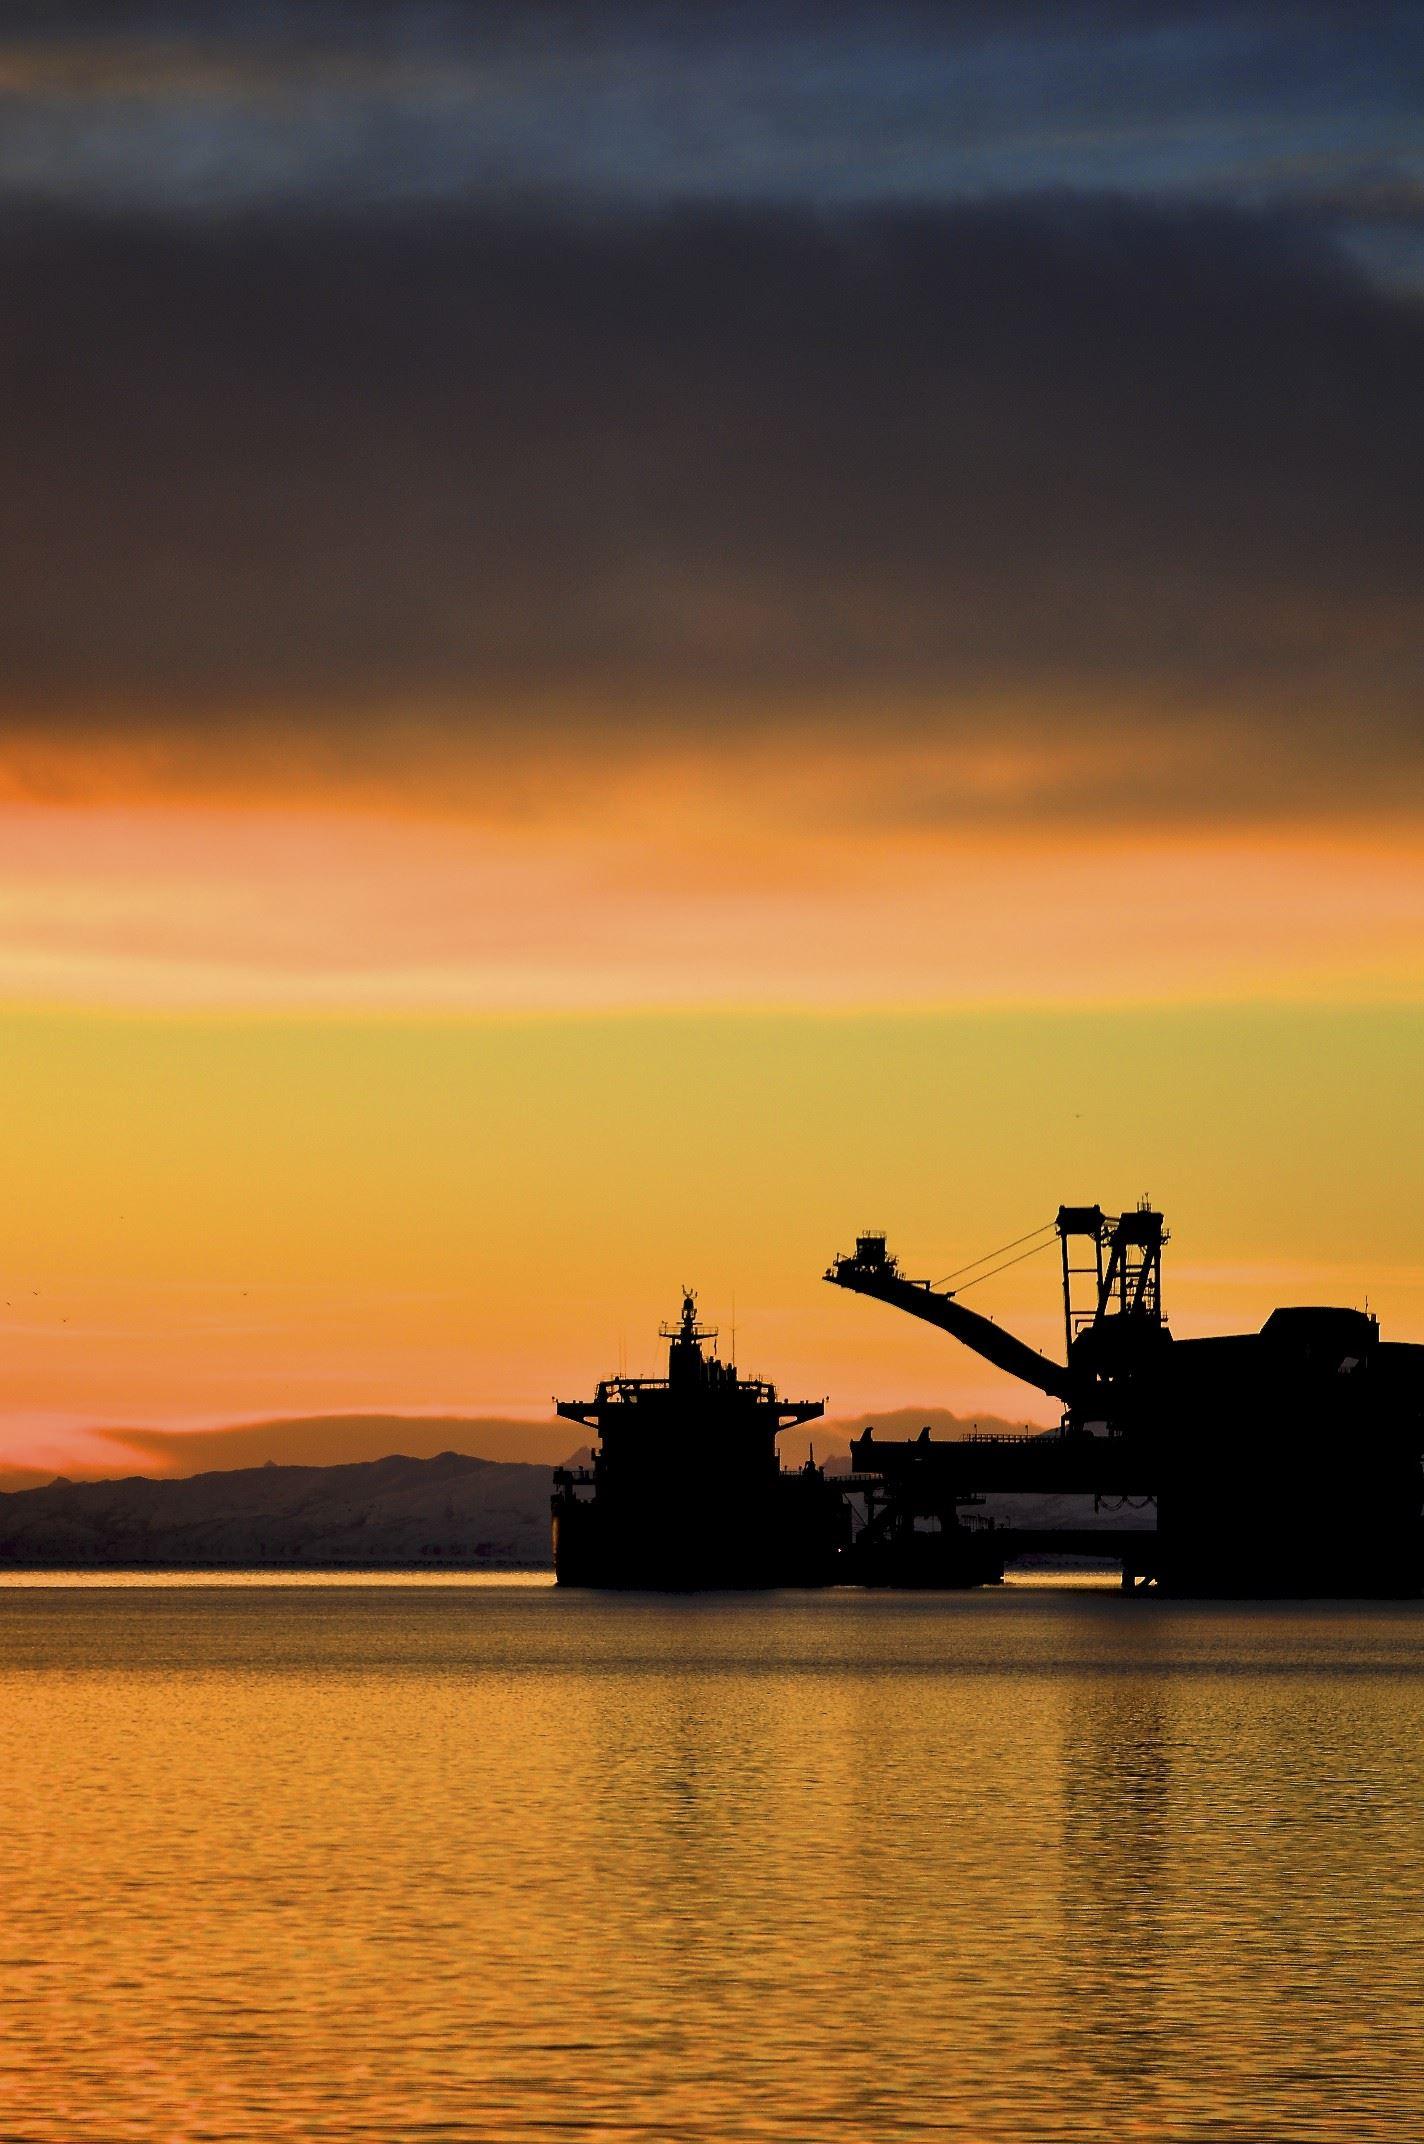 Kjetil Janson, Malmbåt ved utlaster LKAB i Narvik Havn